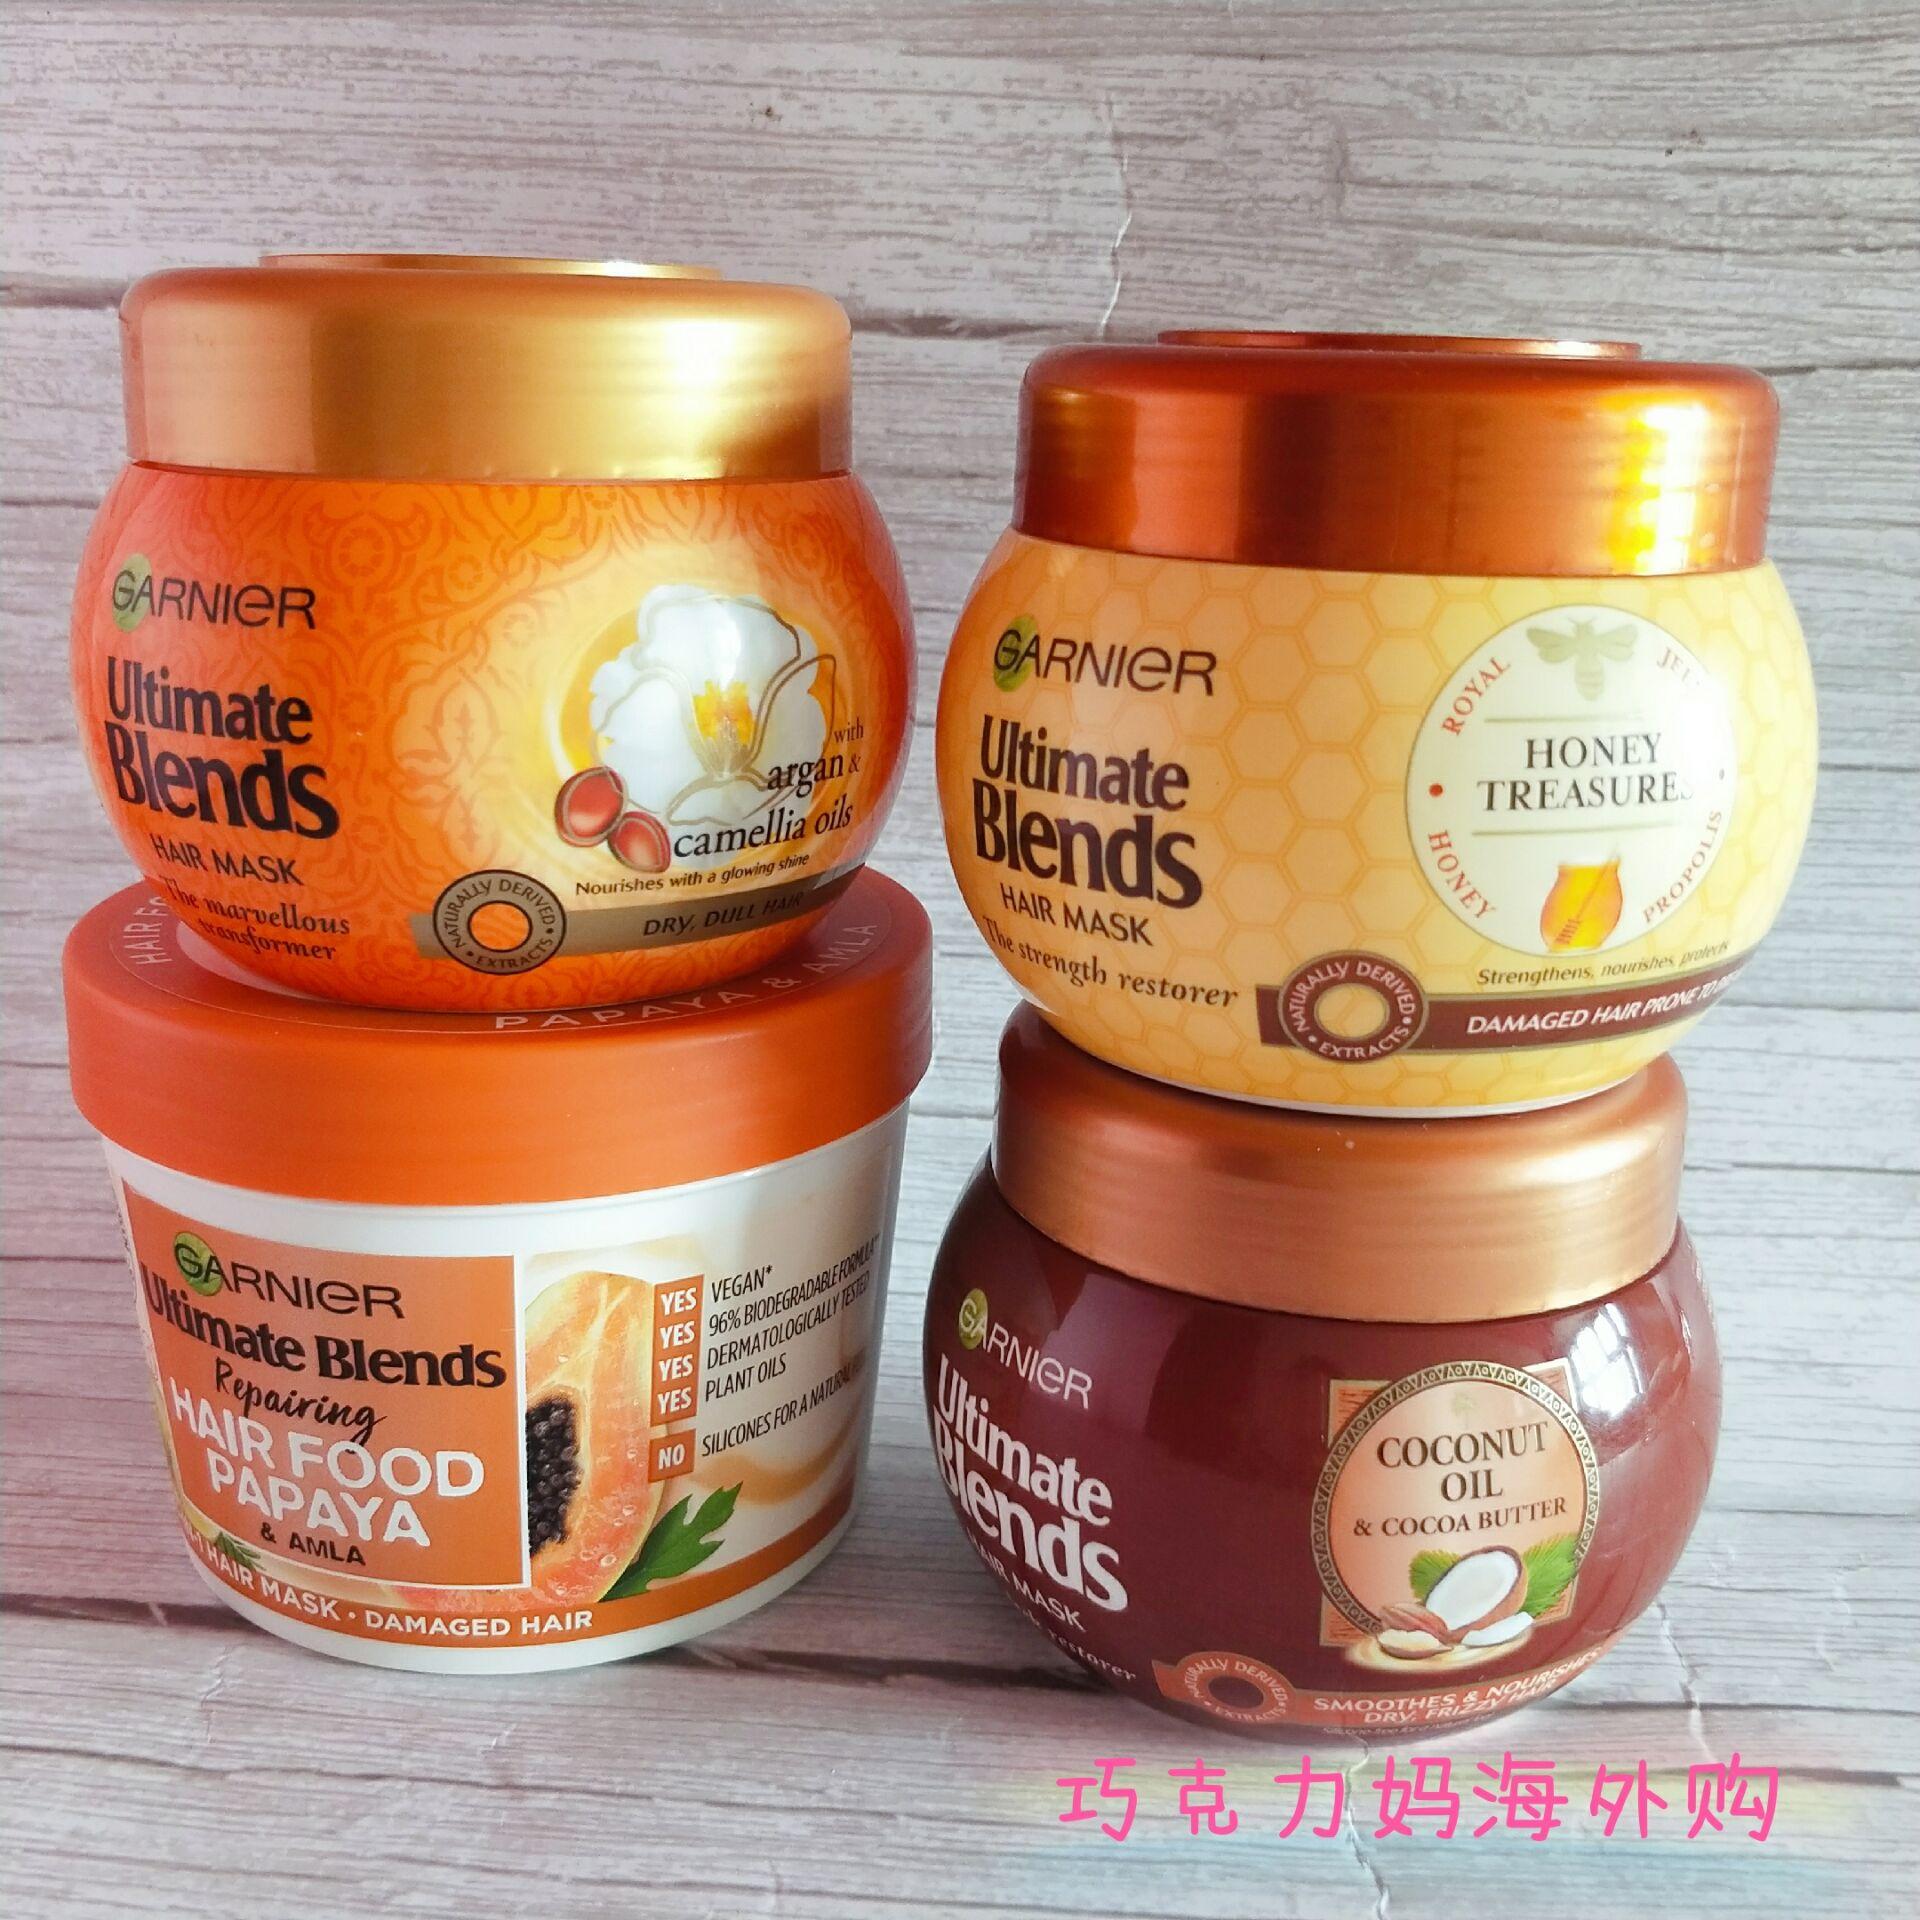 现货!英国购Garnier卡尼尔发膜300ml蜂蜜/摩洛哥坚果油山茶花油